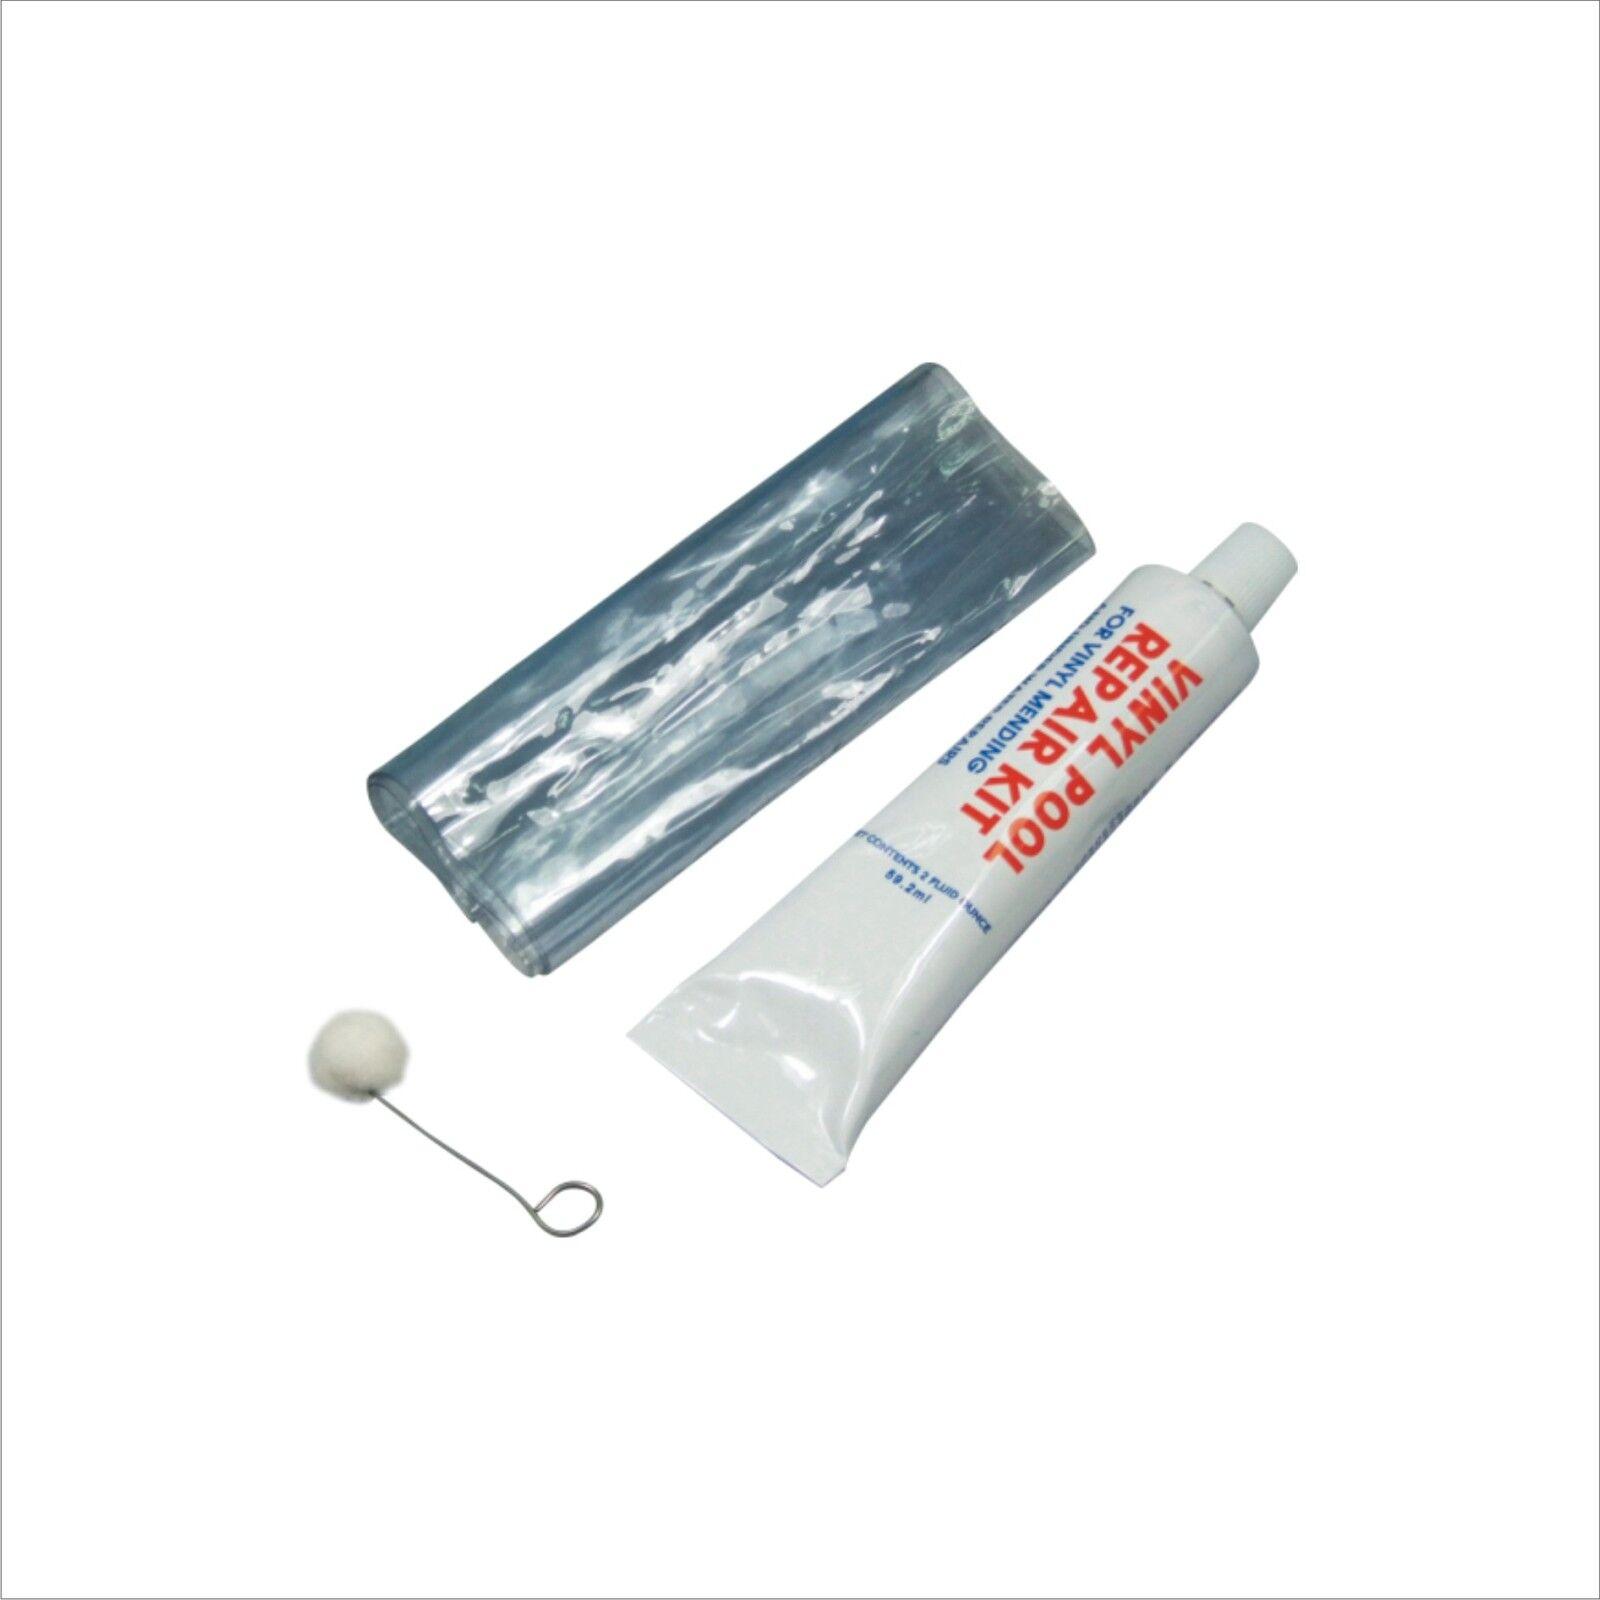 Inflatable Spa Hot Tub Repair Kit 662712994604 Ebay